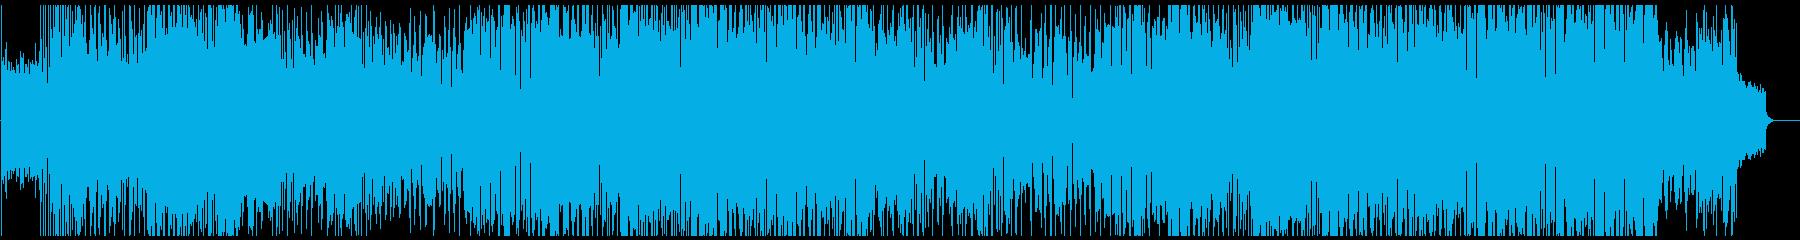 ダーク、ガガ風、和風、重いの再生済みの波形